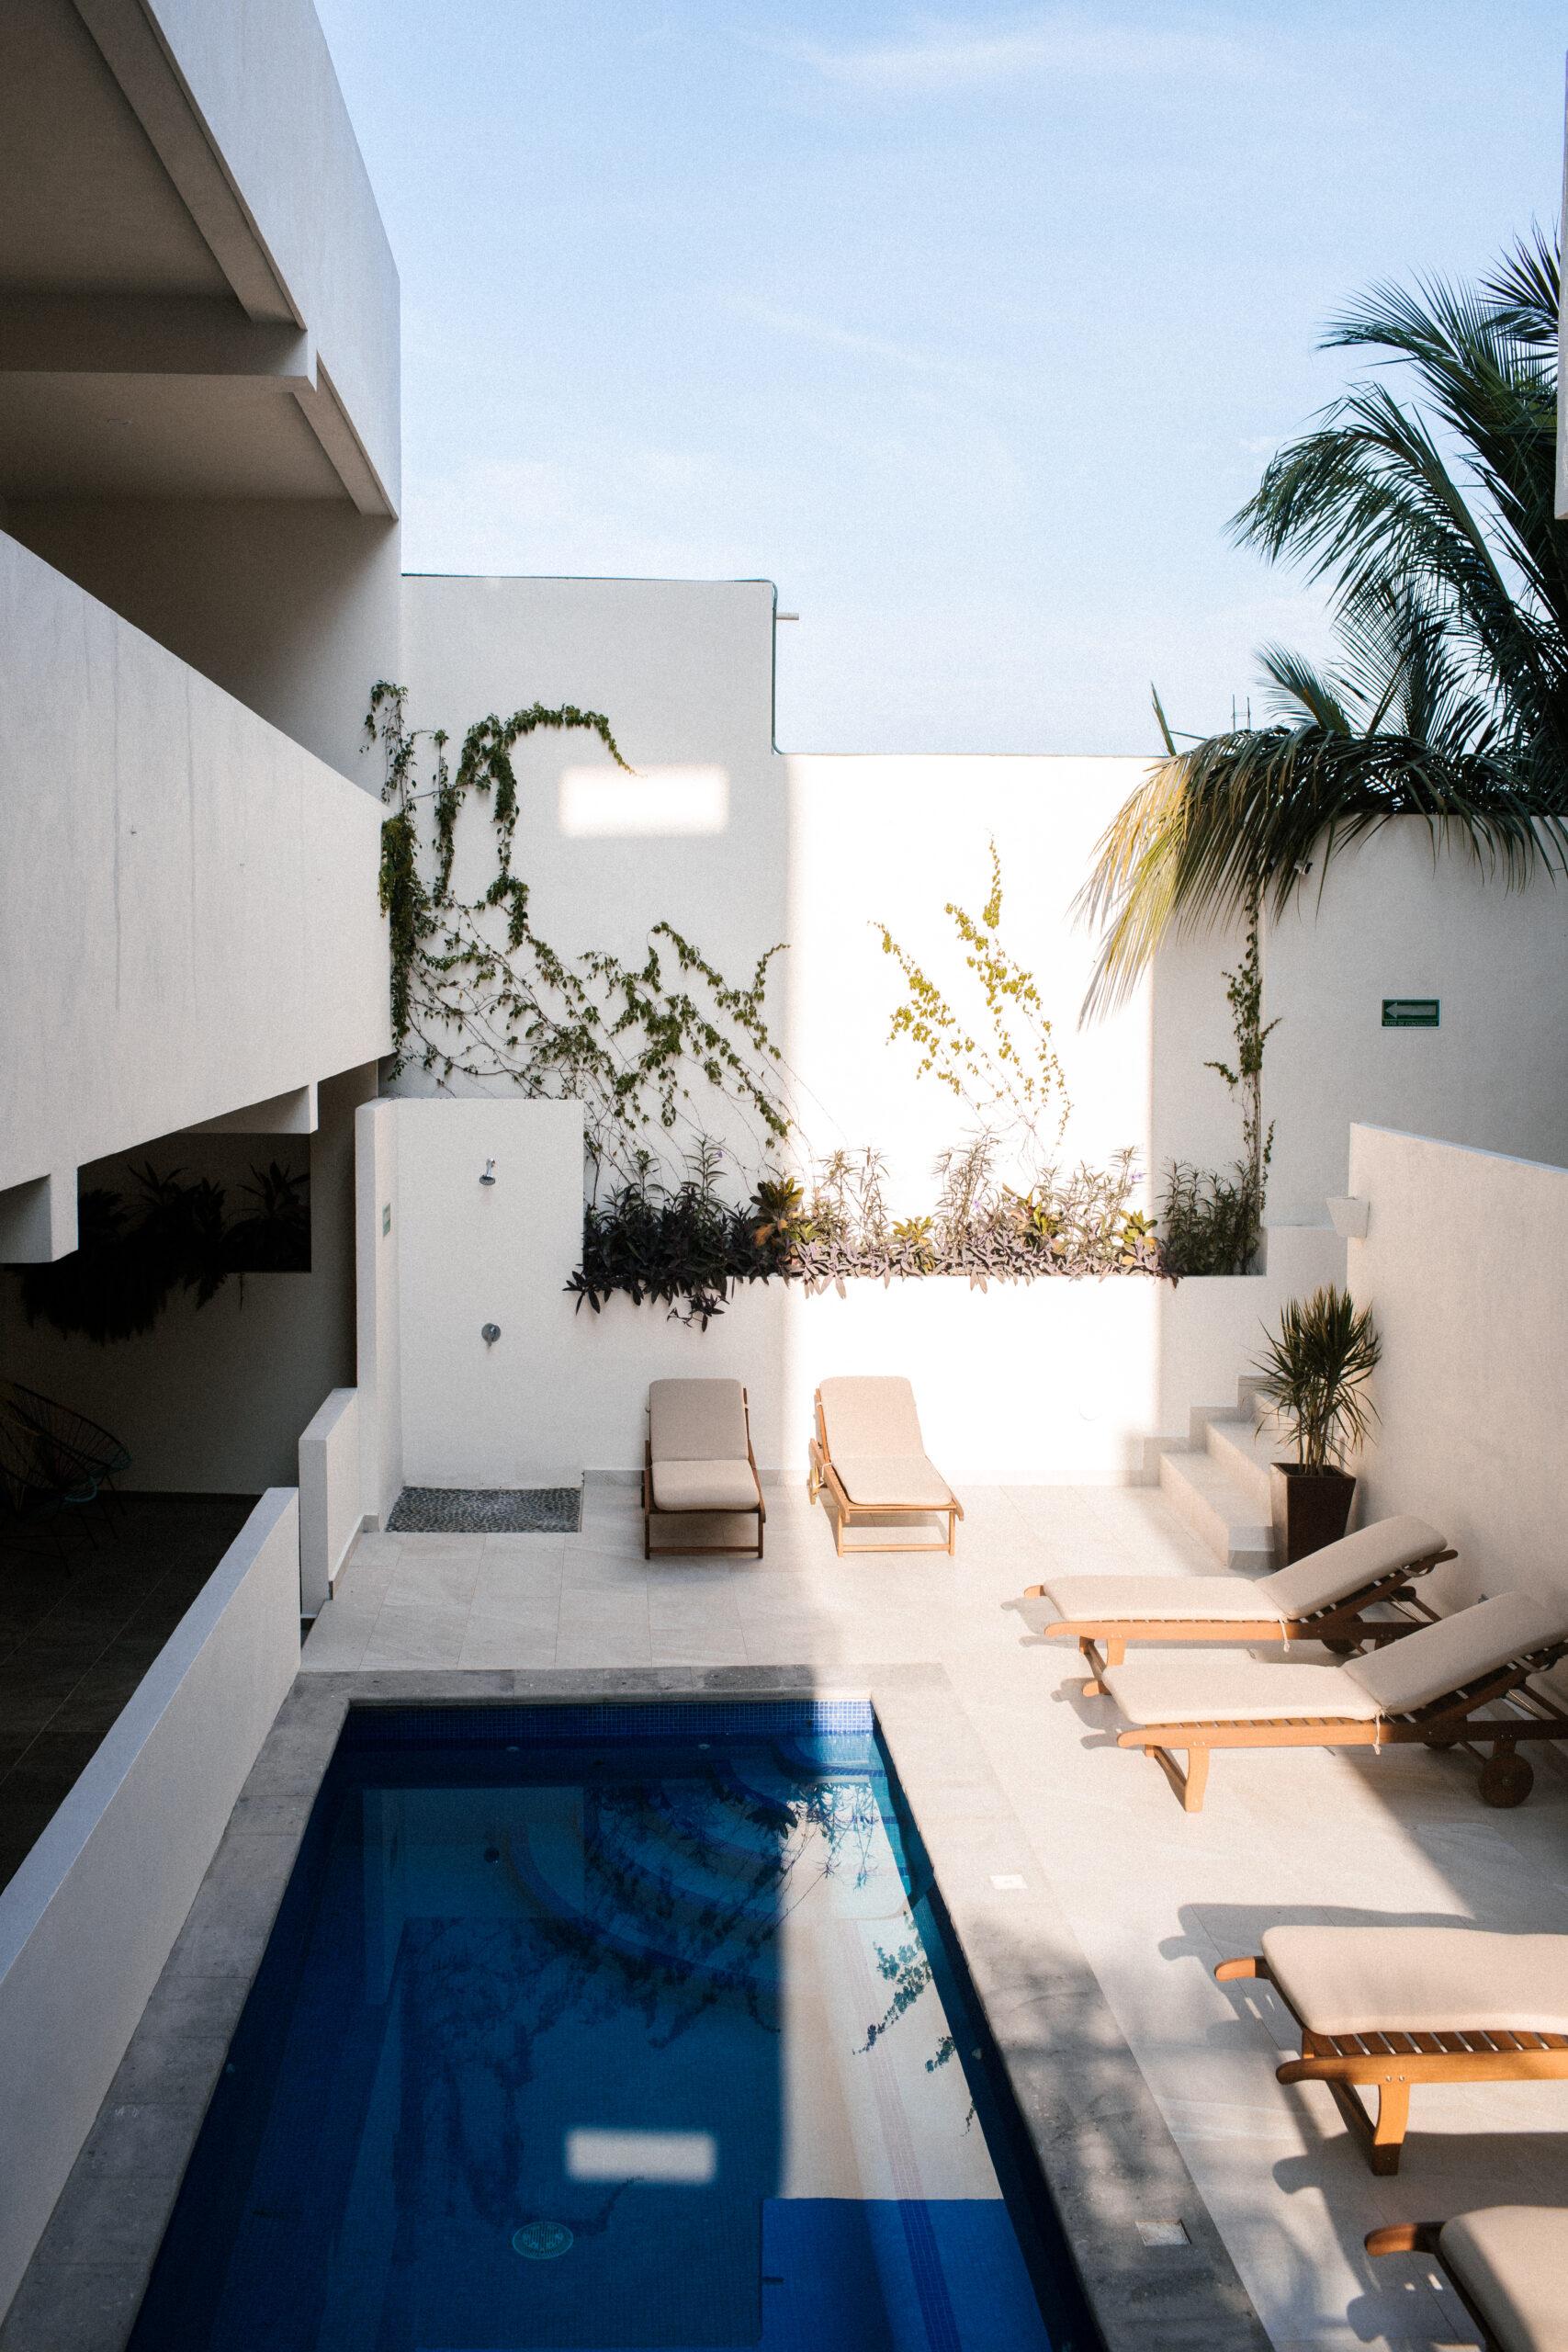 Florence Sayulita - Exterior Pool